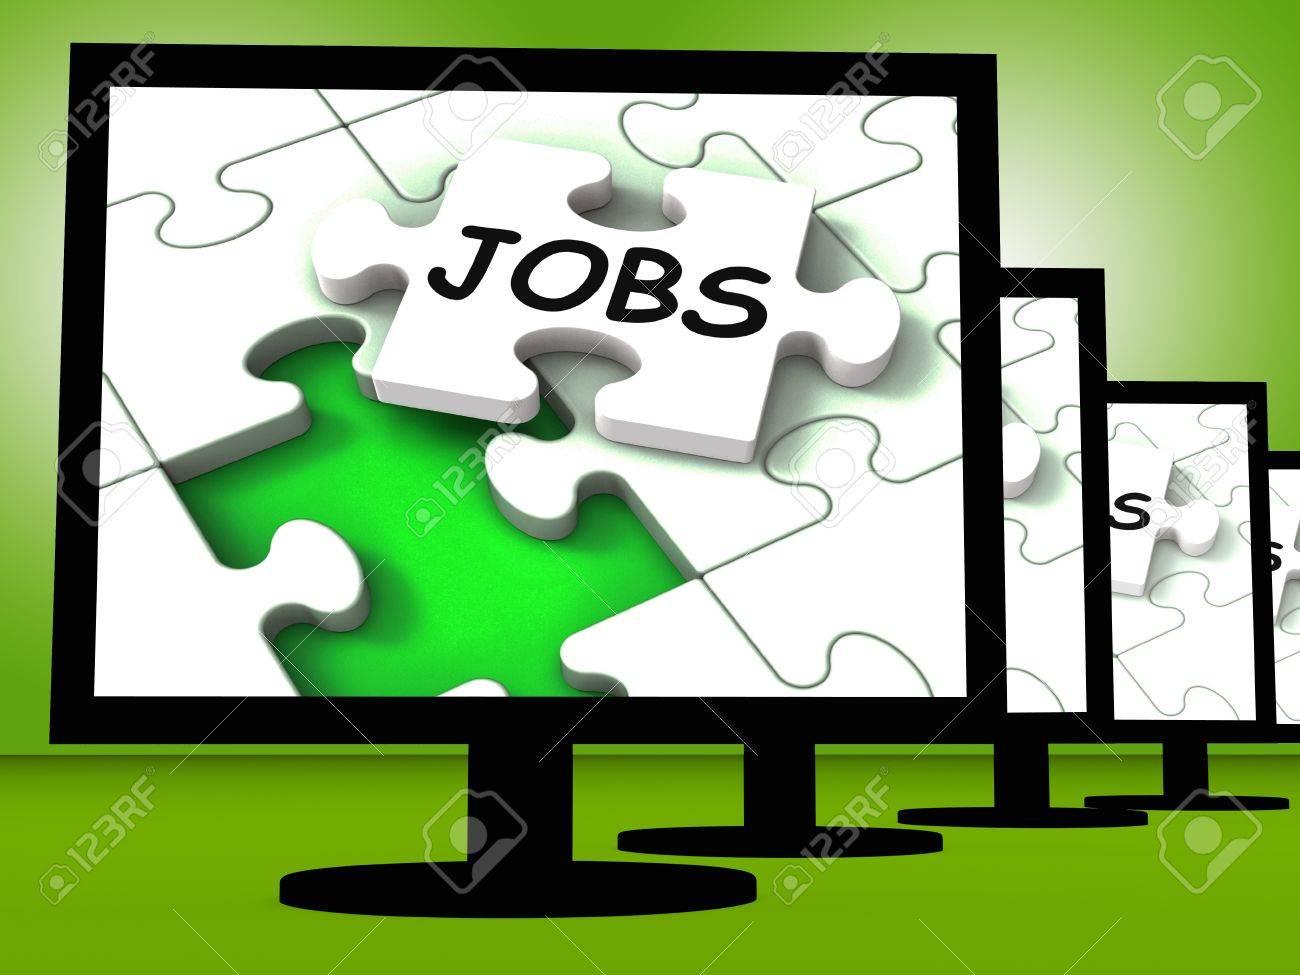 Offres D Emploi Sur Les Ecrans Affichage Travail A Domicile Ou A L